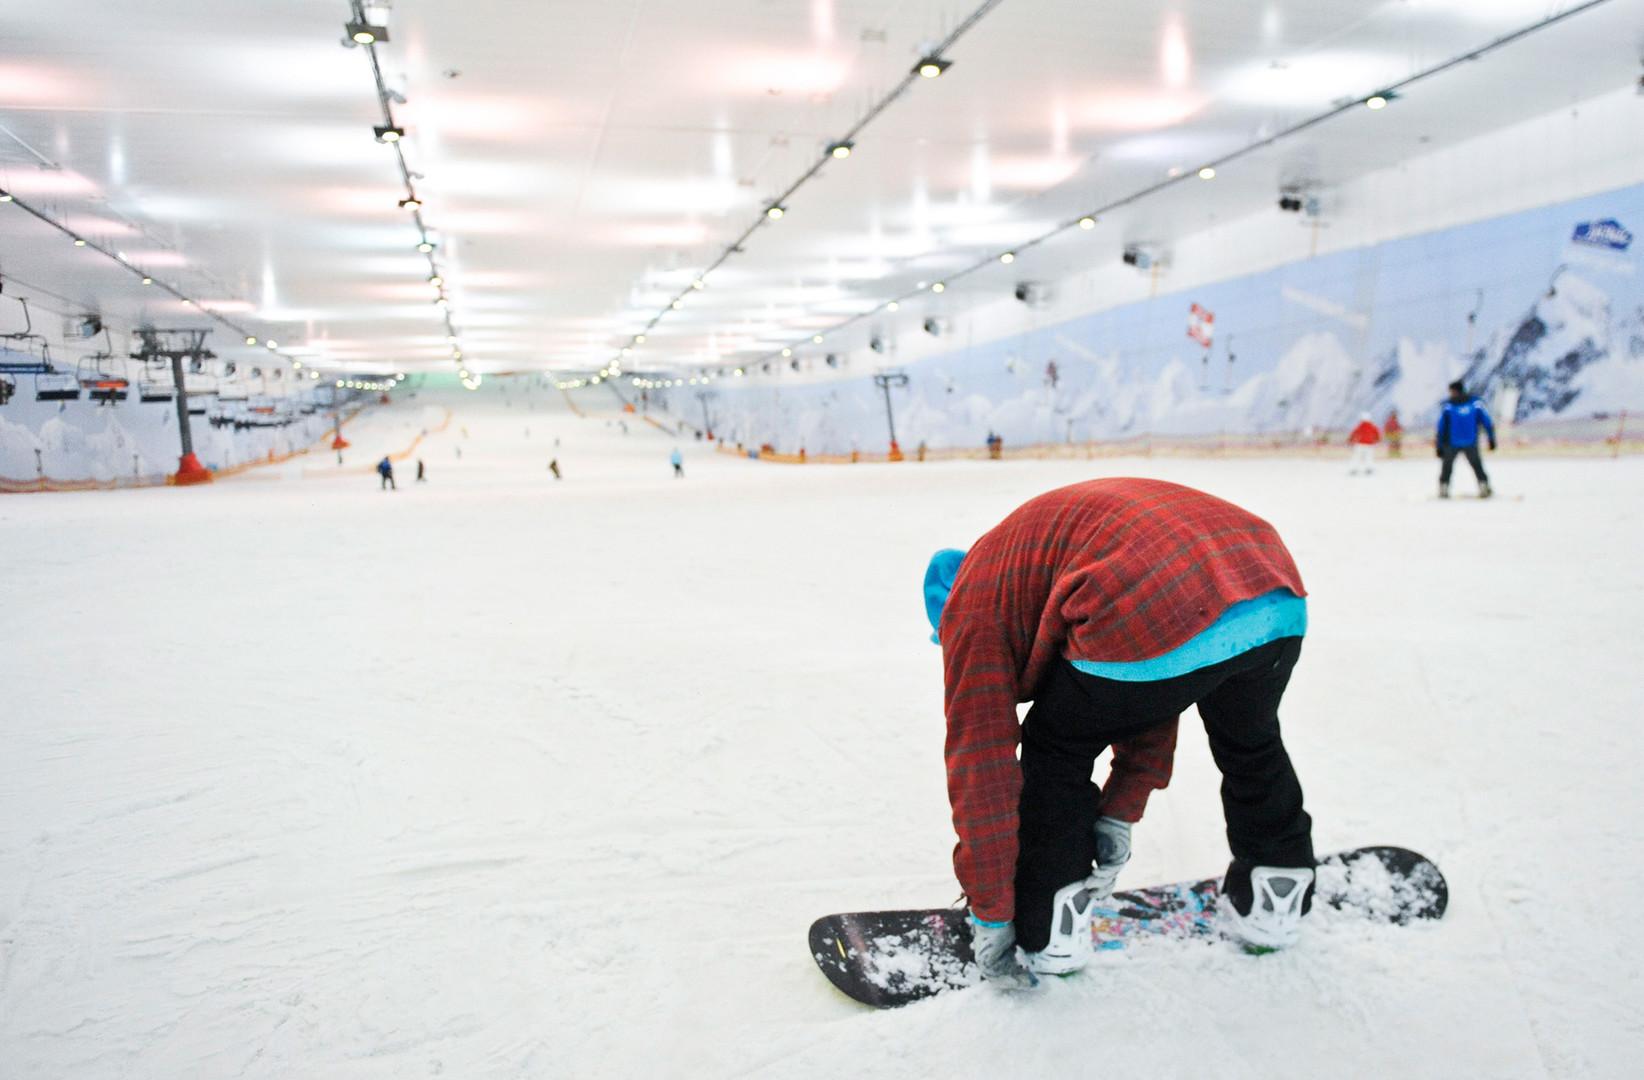 A snowboarder at Snej.com indoor ski slope